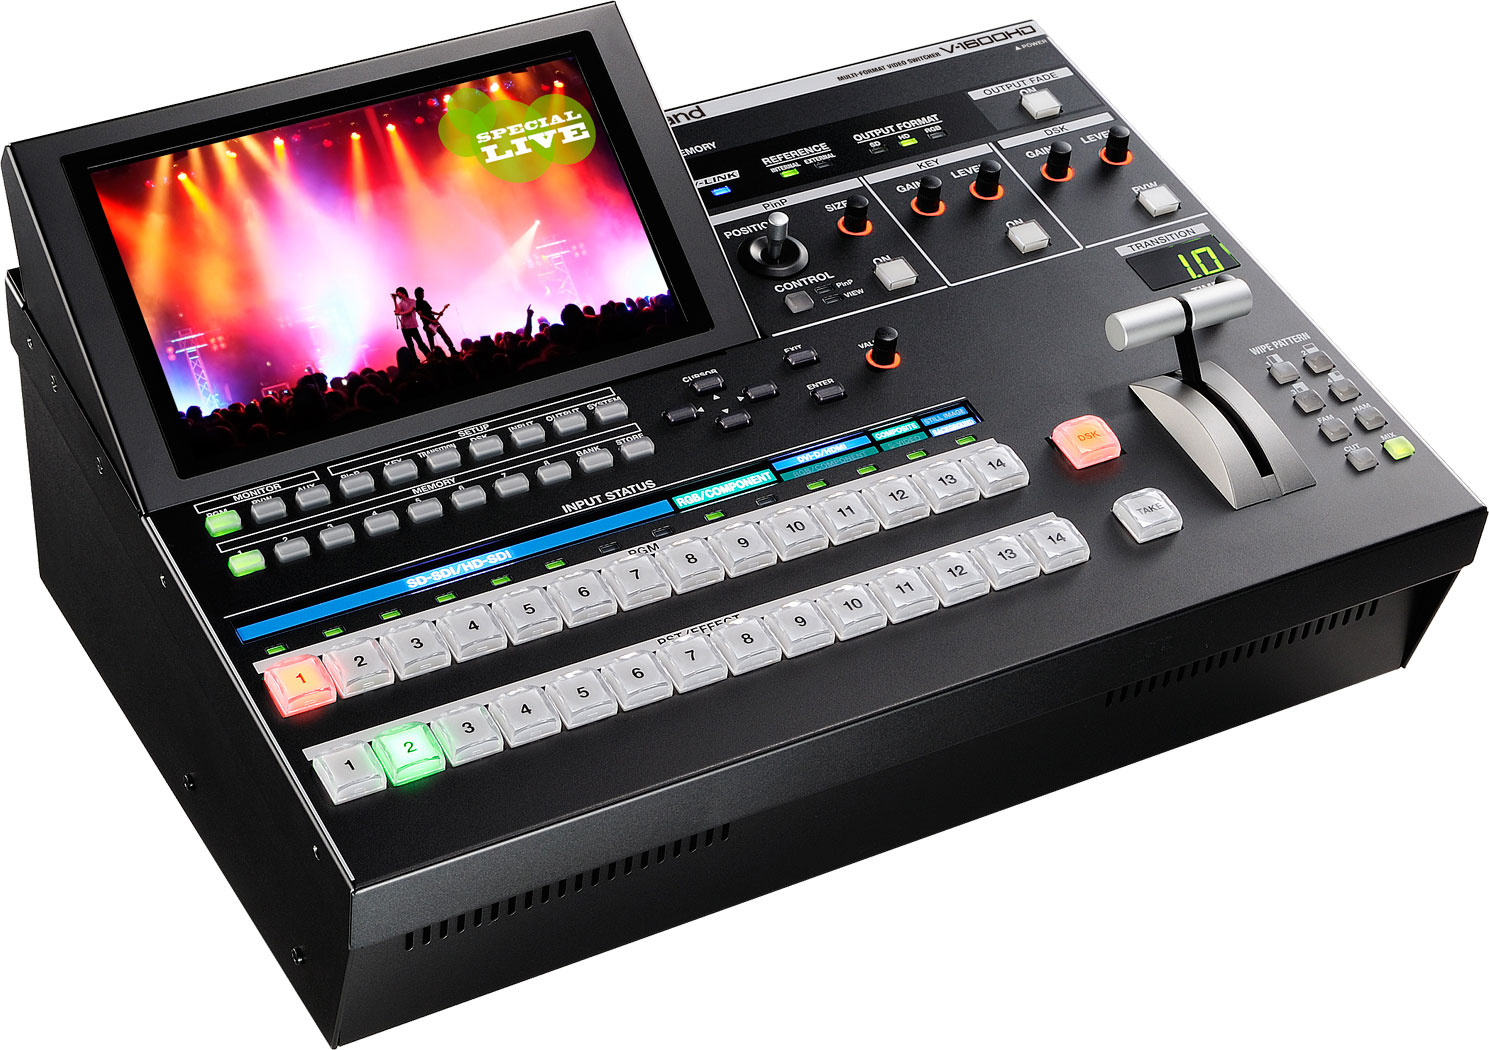 Videotechnik, Videopult von Roland V-1600HD